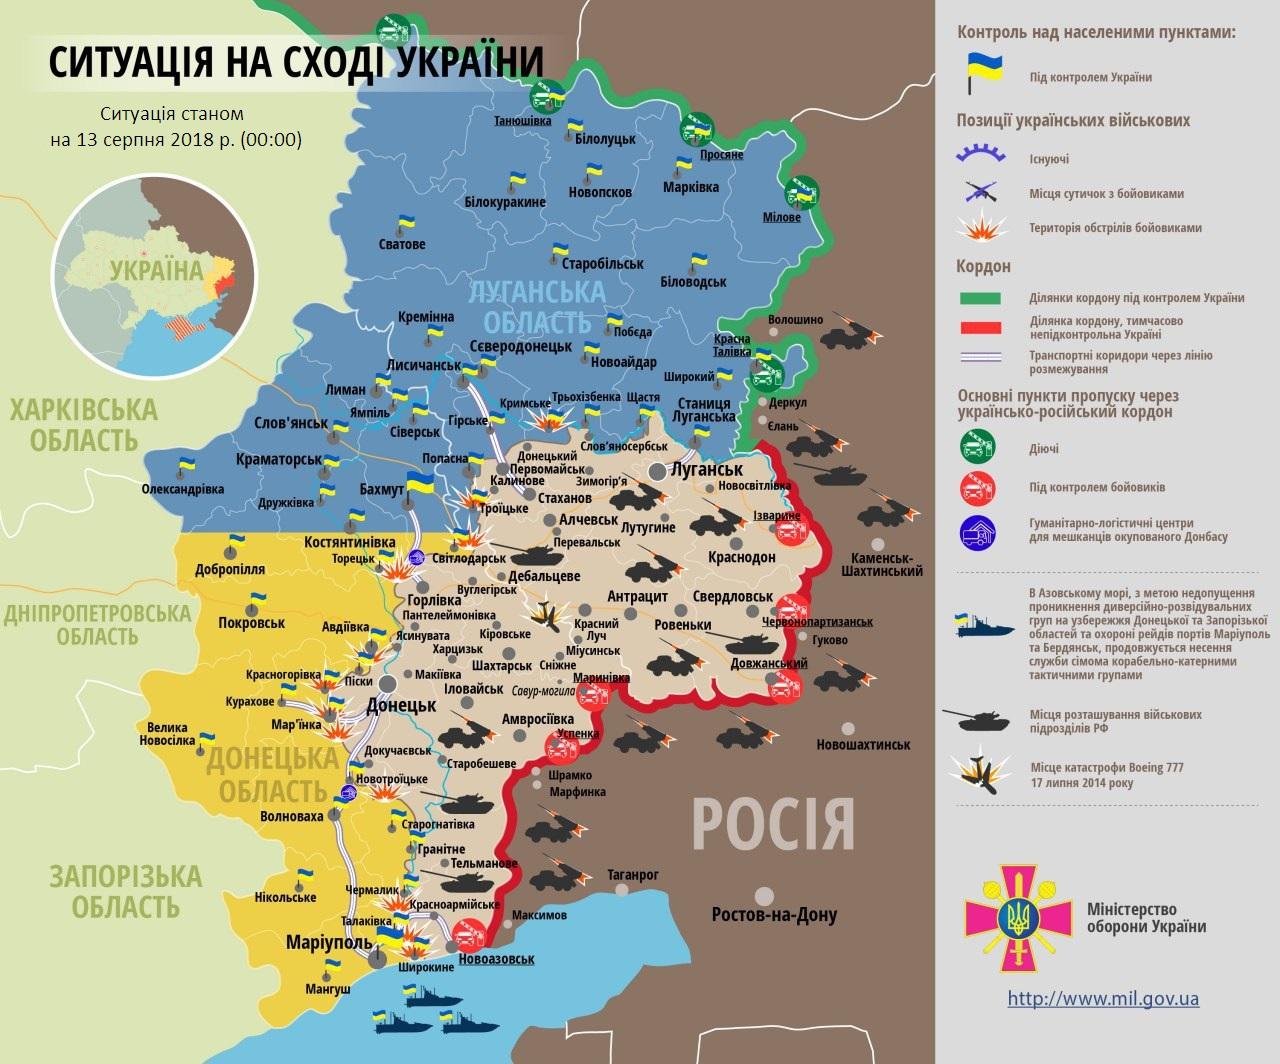 У сил ООС и боевиков потери после тяжелых суток на Донбассе: боевая сводка и карта ООС от 13.08.2018 - подробности